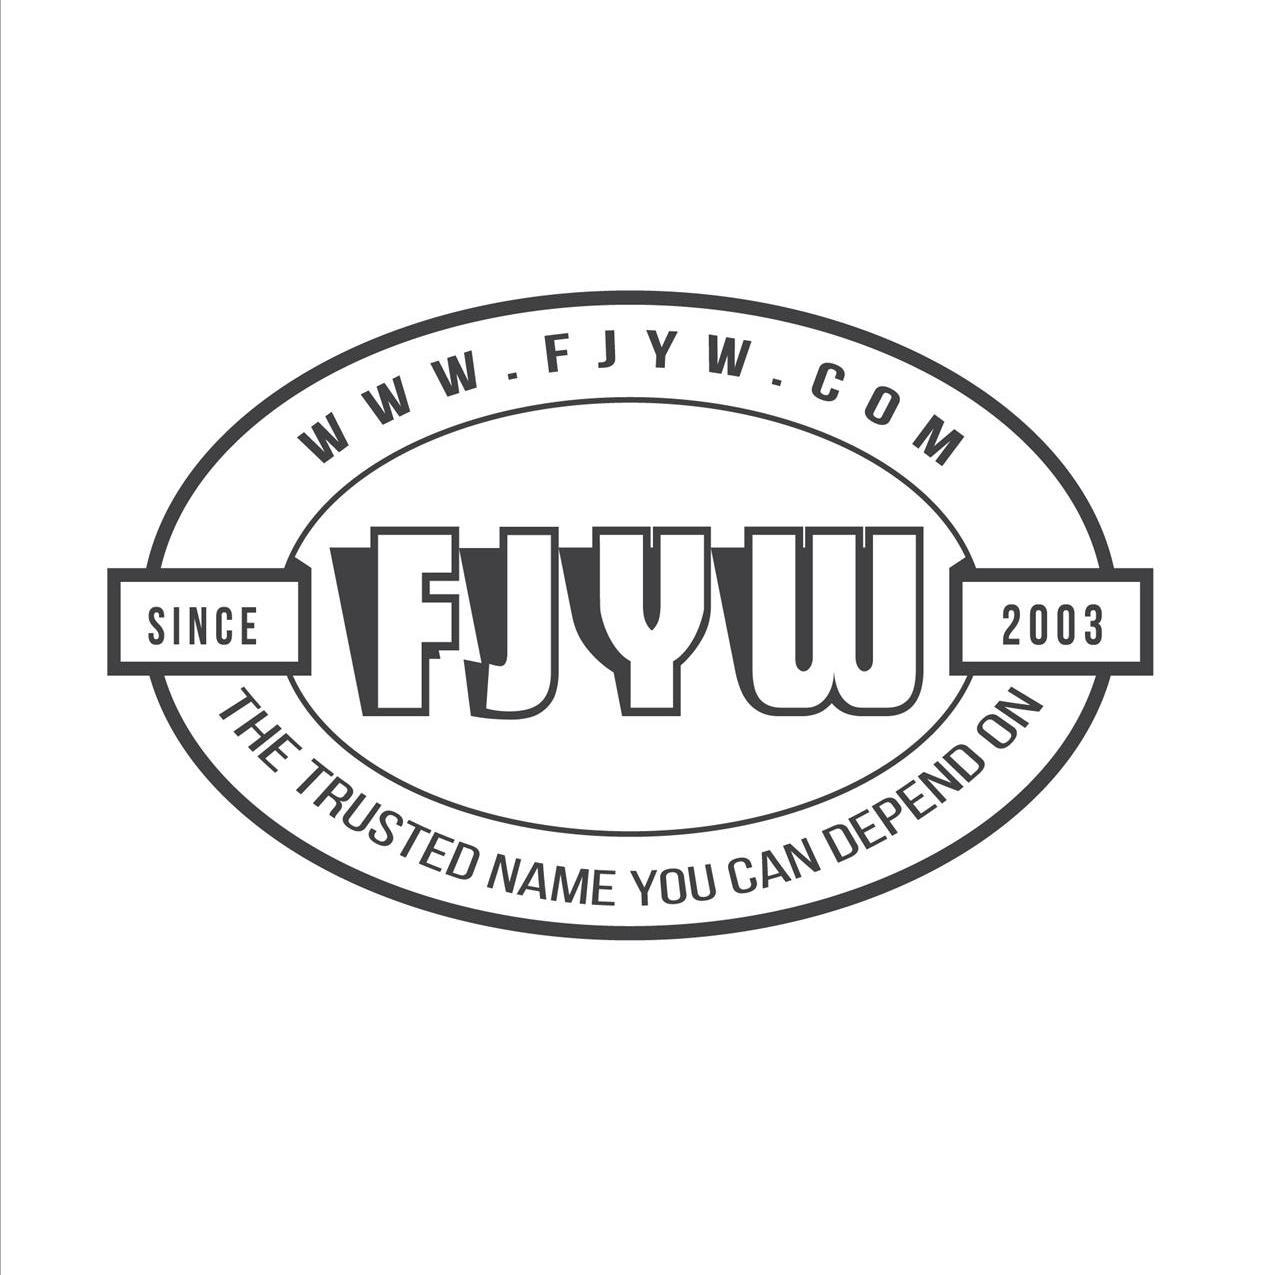 fjyw - 12 u0026 39  x 10 u0026 39  truck tarp - flat smoke tarp